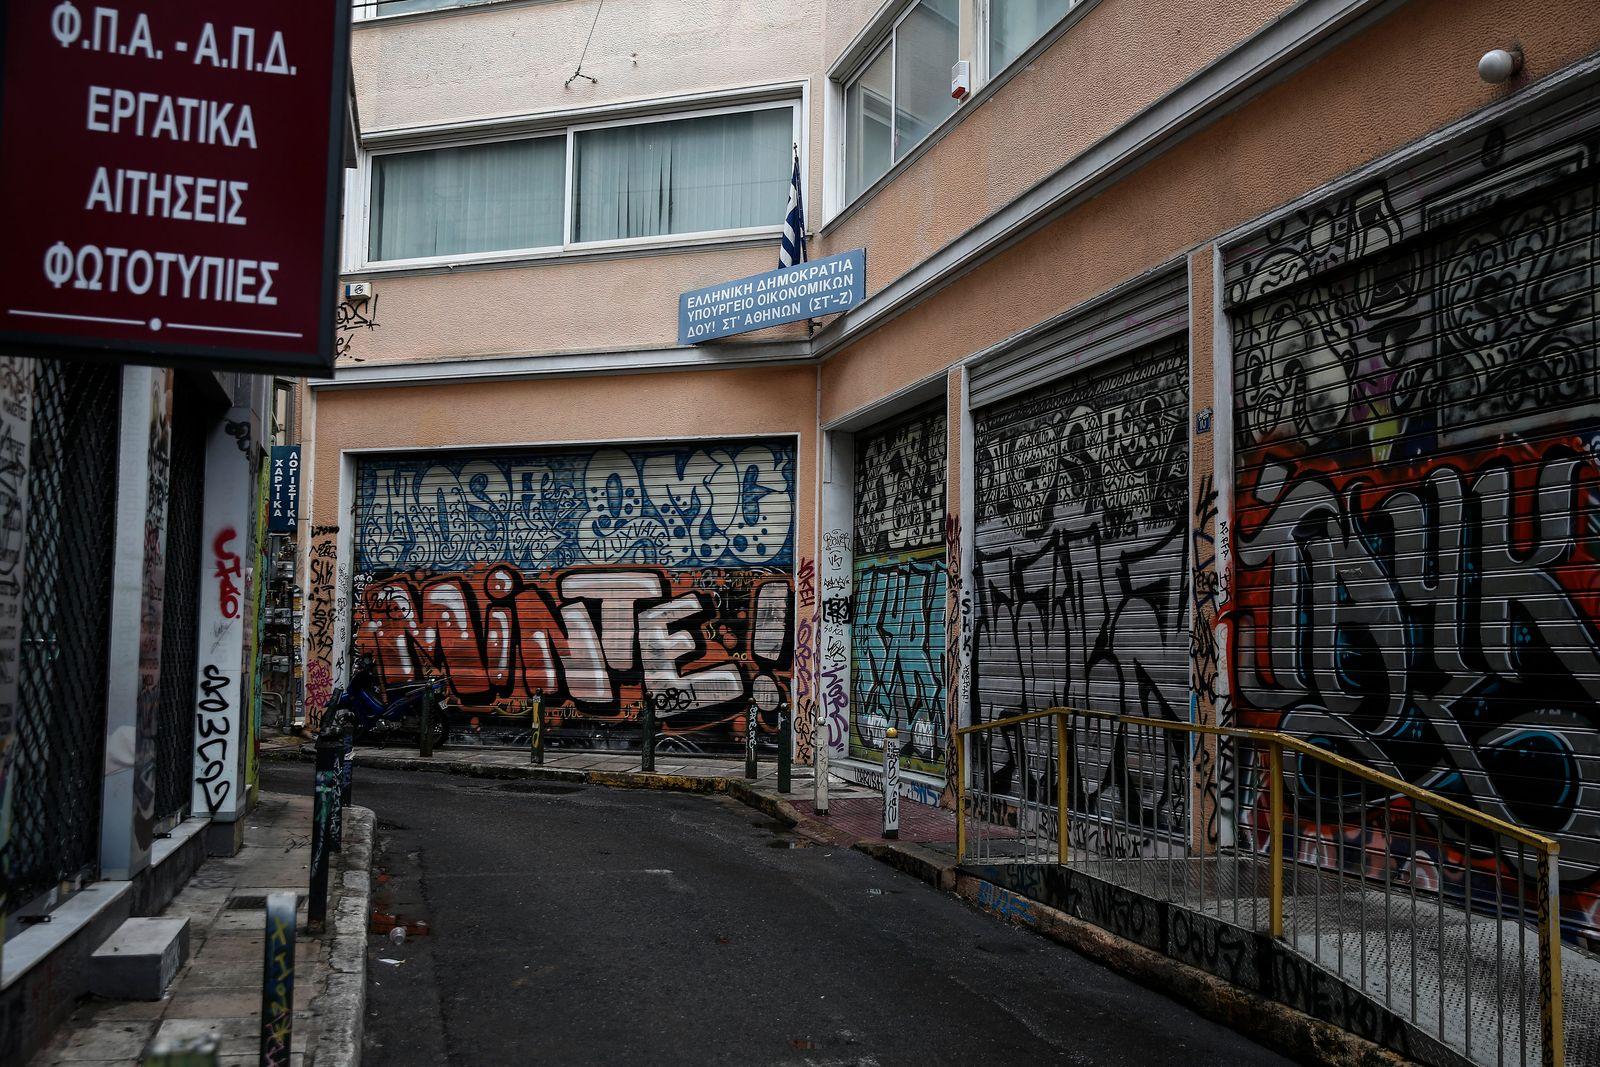 Griechenland / Finanzamt